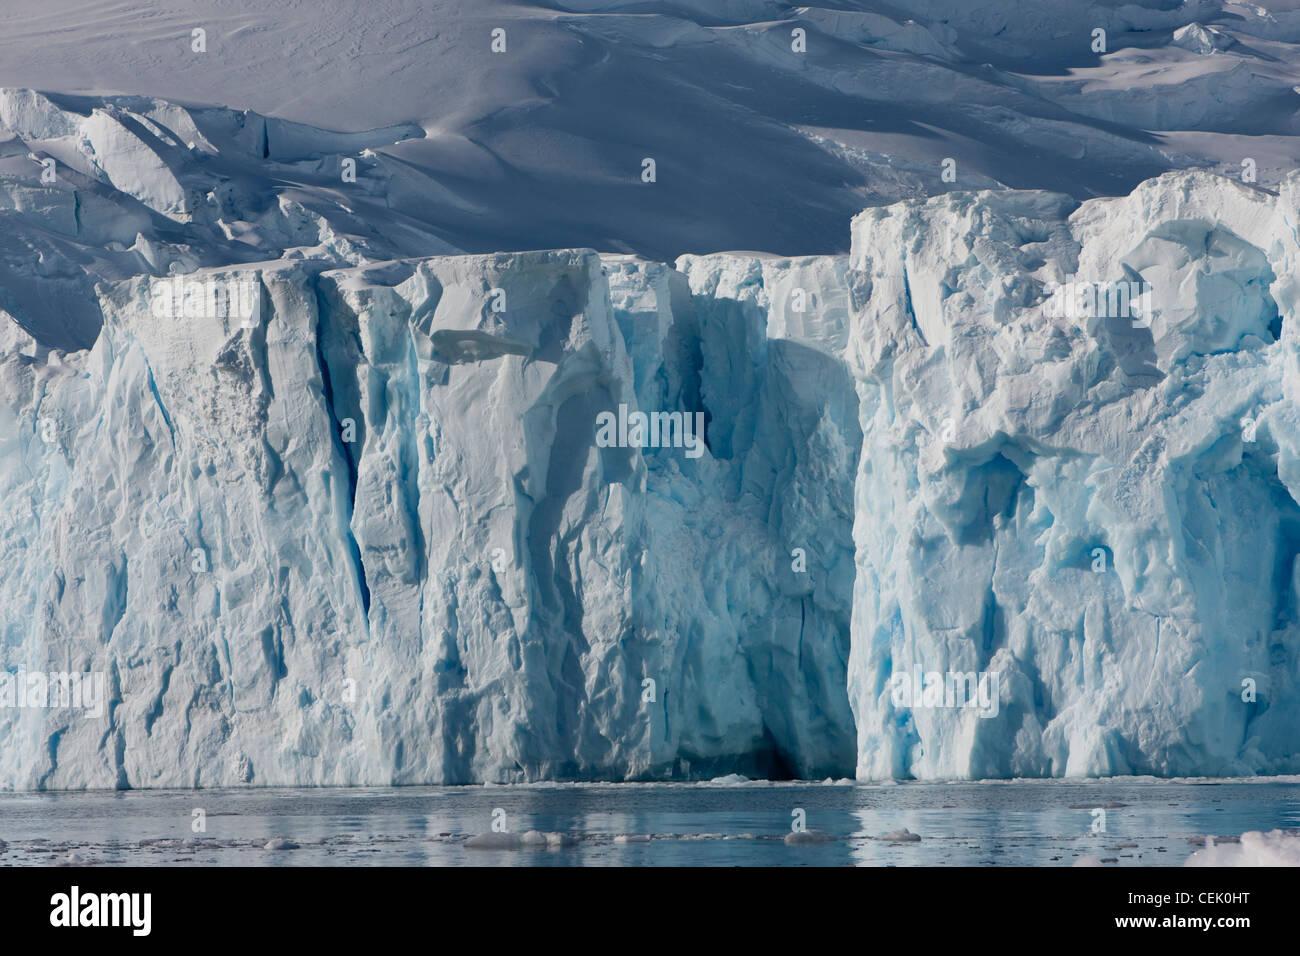 Los glaciares de la Antártida en el Océano Austral. Foto de stock